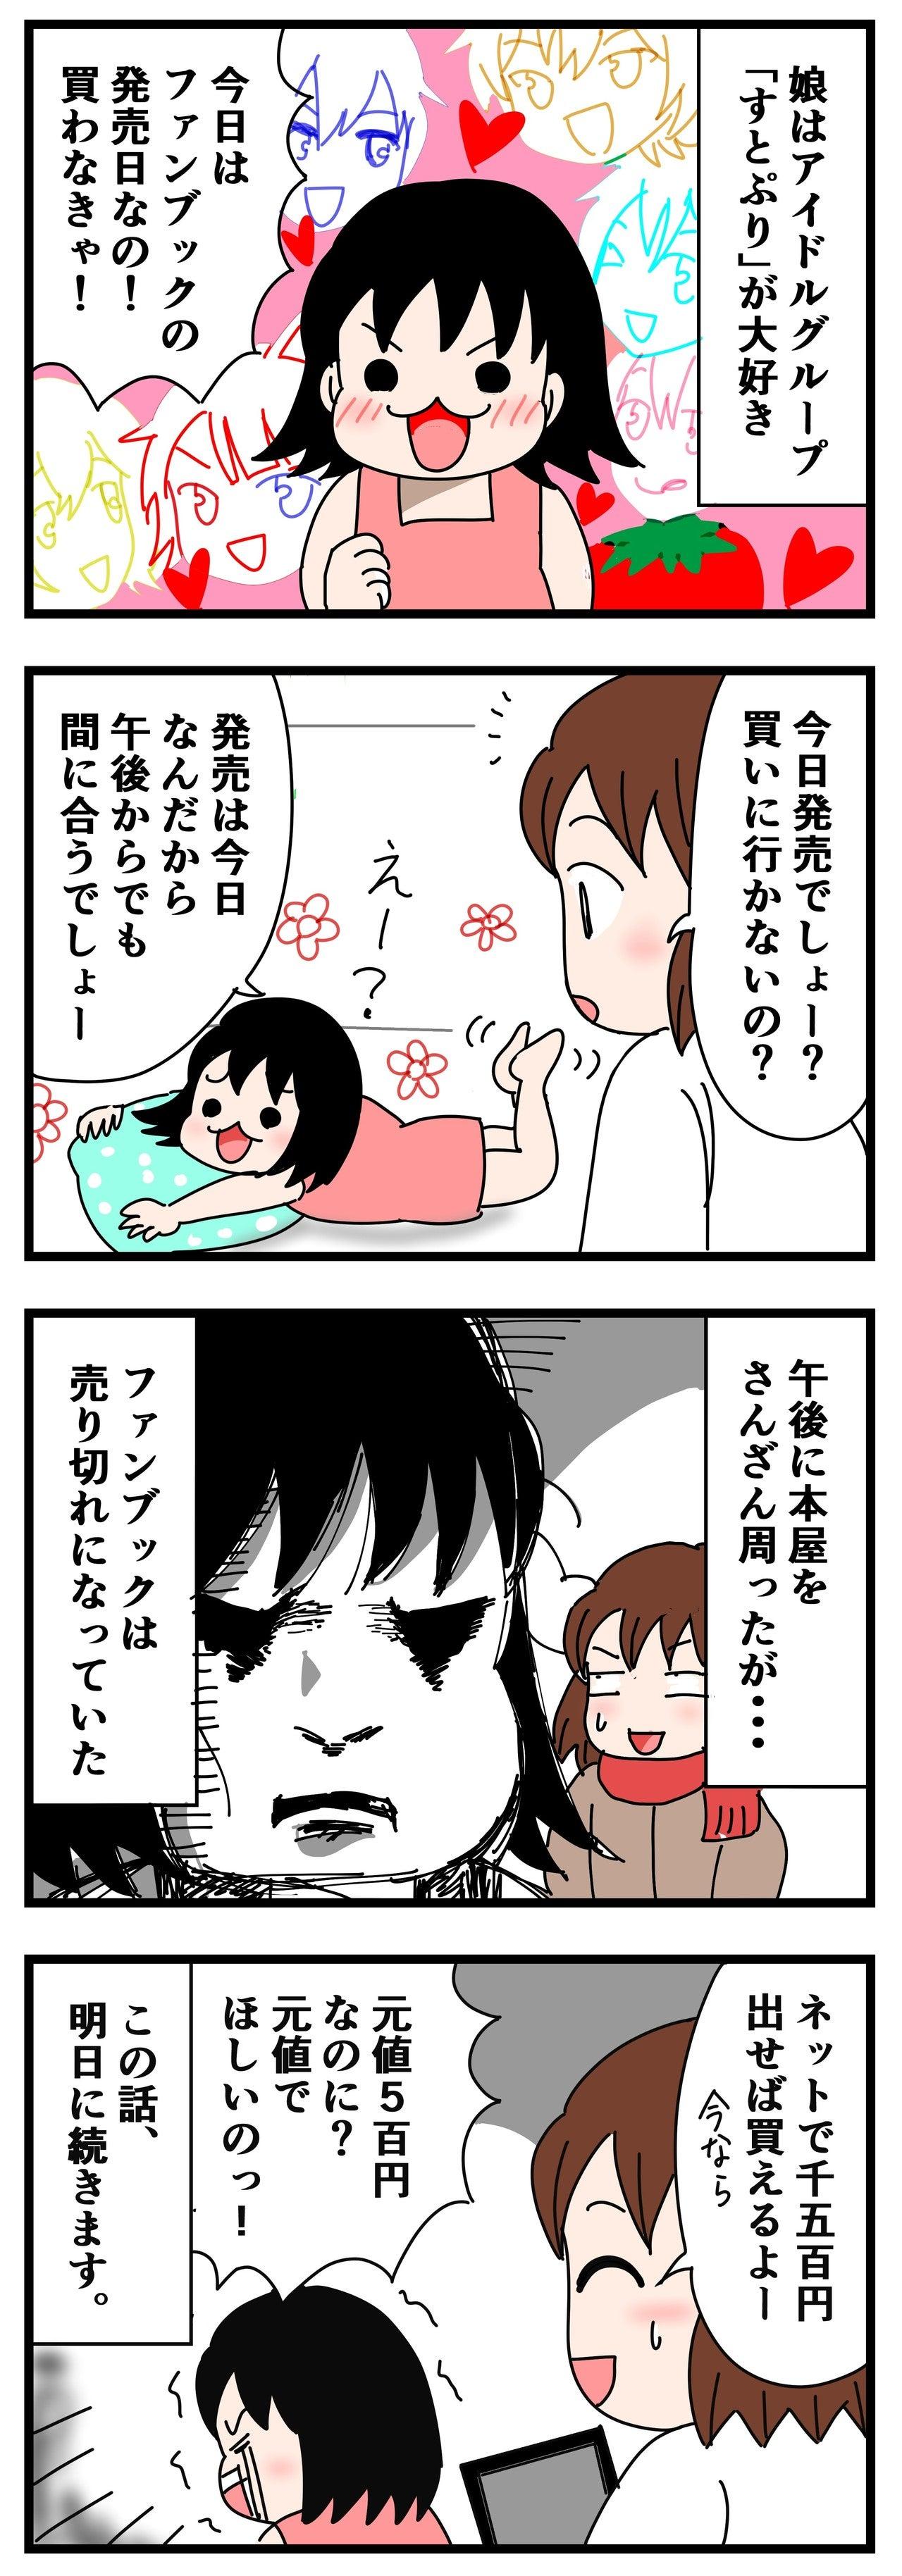 マンガ す と ぷり